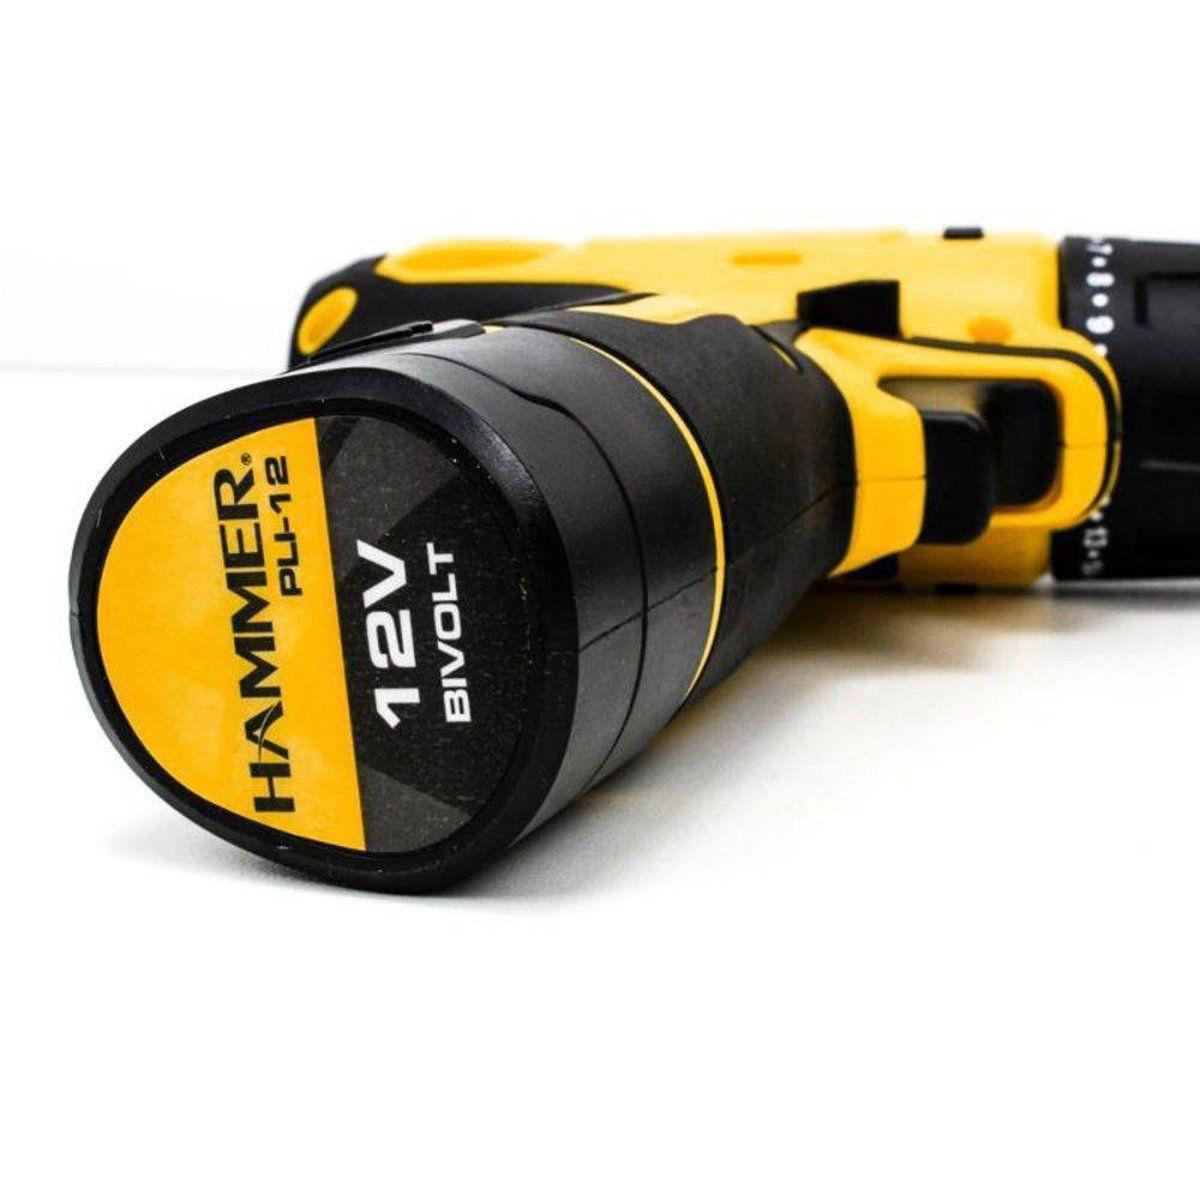 Parafusadeira Furadeira 12v Bateria Lítio Bivolt PLI12 Hammer  - EMPORIO K